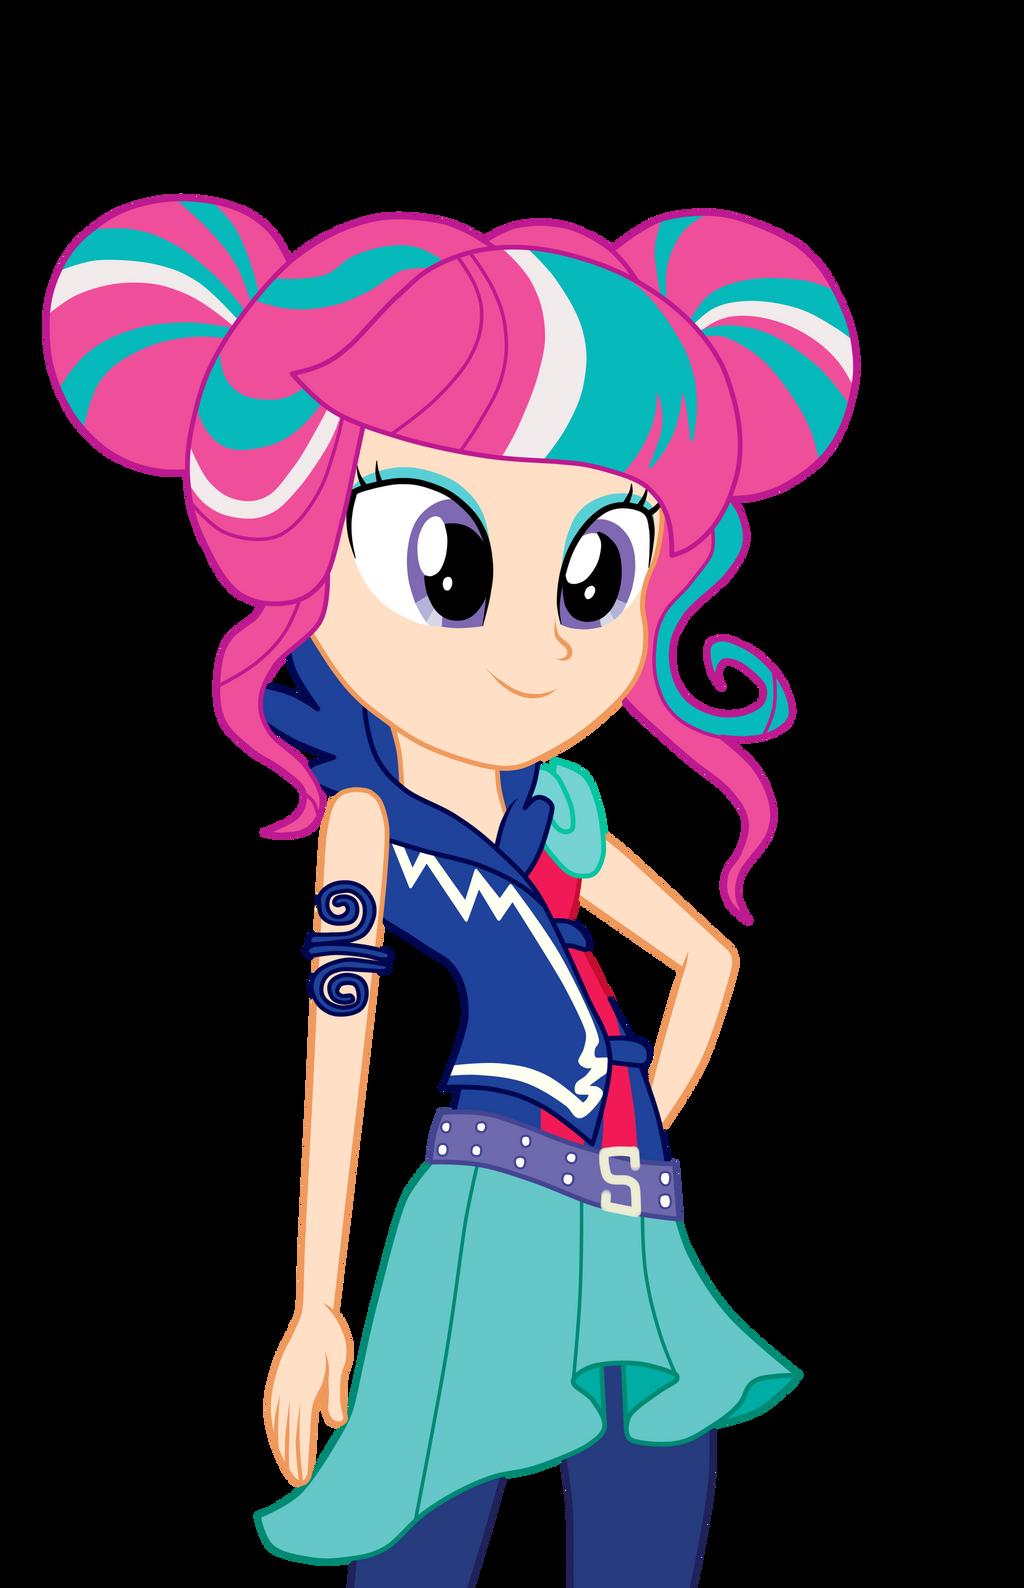 Equestria Girls - Friendship Games by MixiePie on DeviantArt